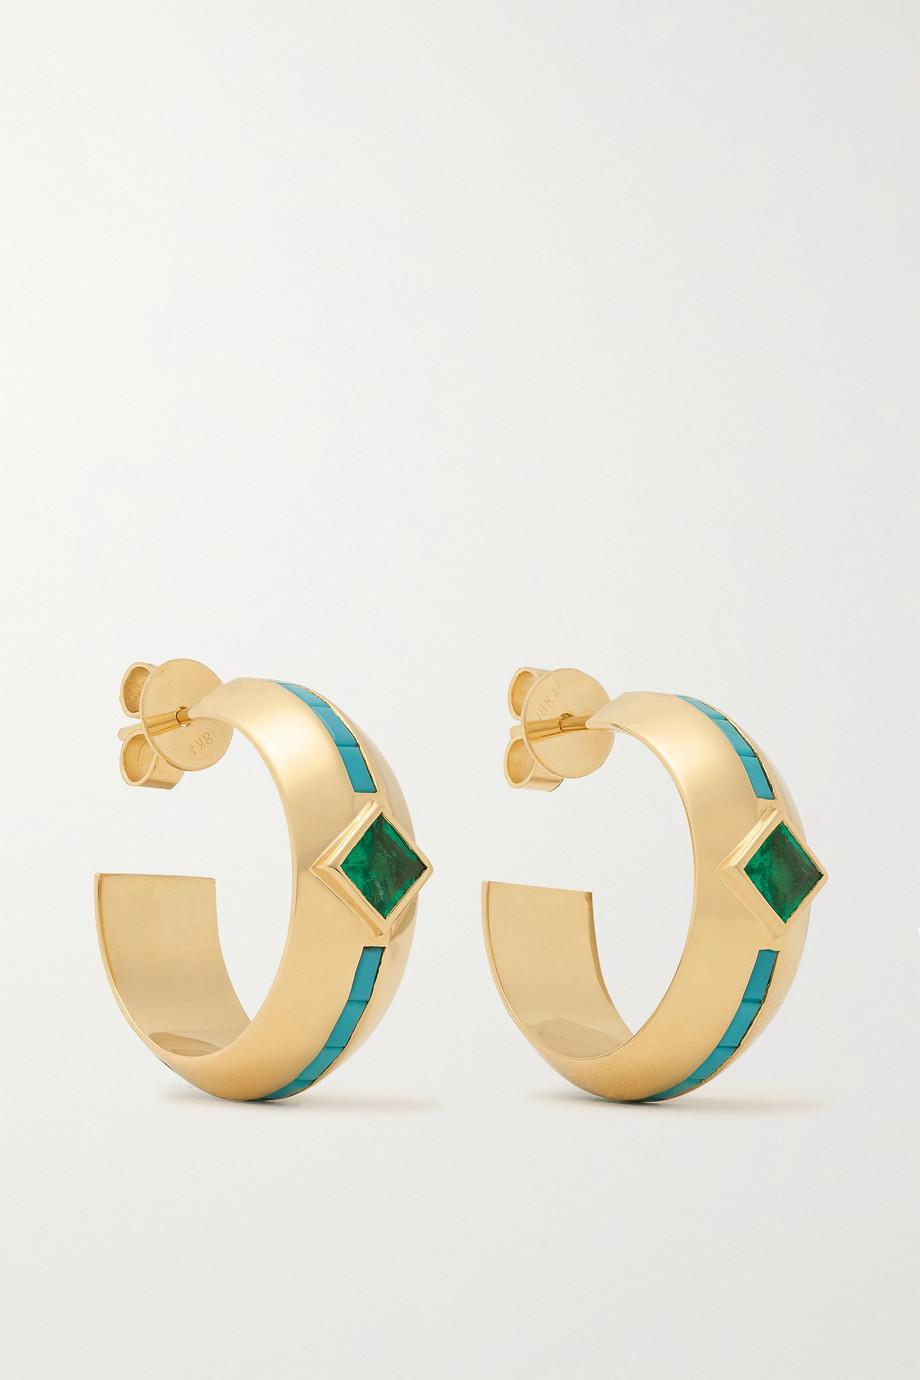 Emily P. Wheeler Boucles d'oreilles en or 18 carats (750/1000) recyclé, turquoises et émeraudes Emma - NET SUSTAIN